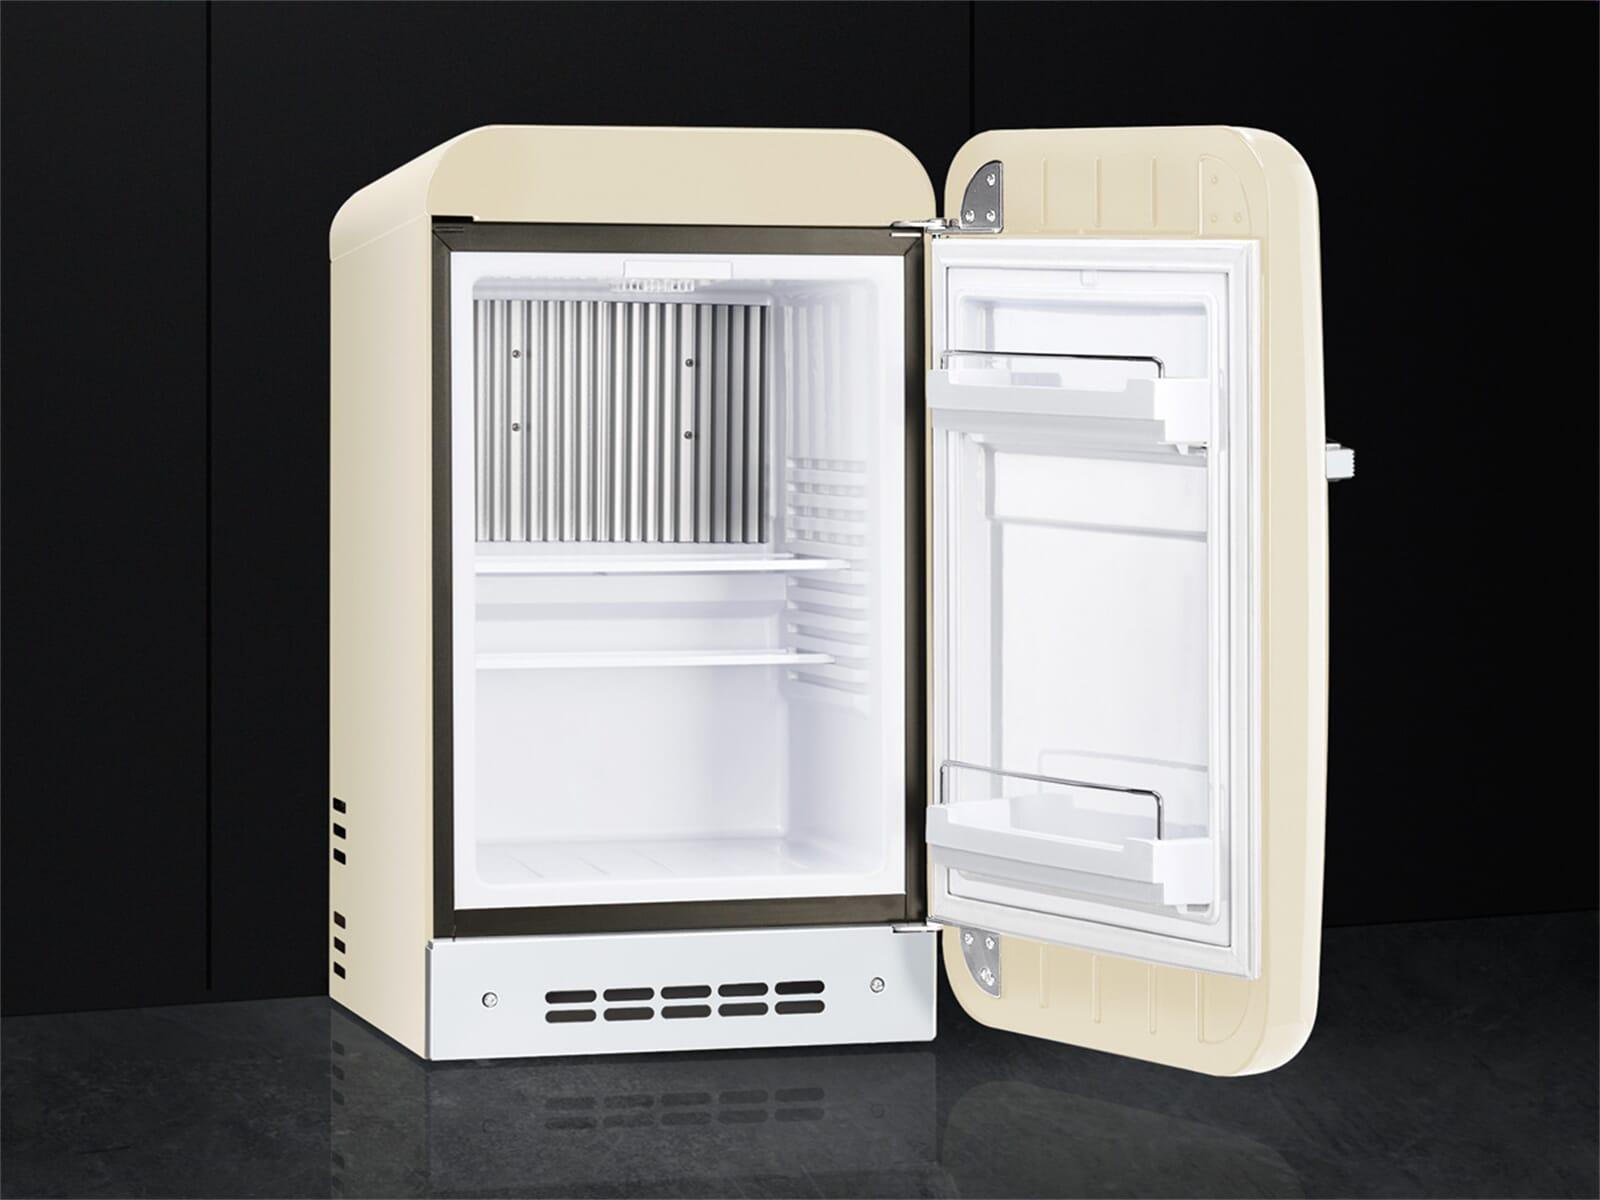 Amerikanischer Kühlschrank Creme : Smeg kühlschrank piept dometic kühlschrank wohnmobil piept